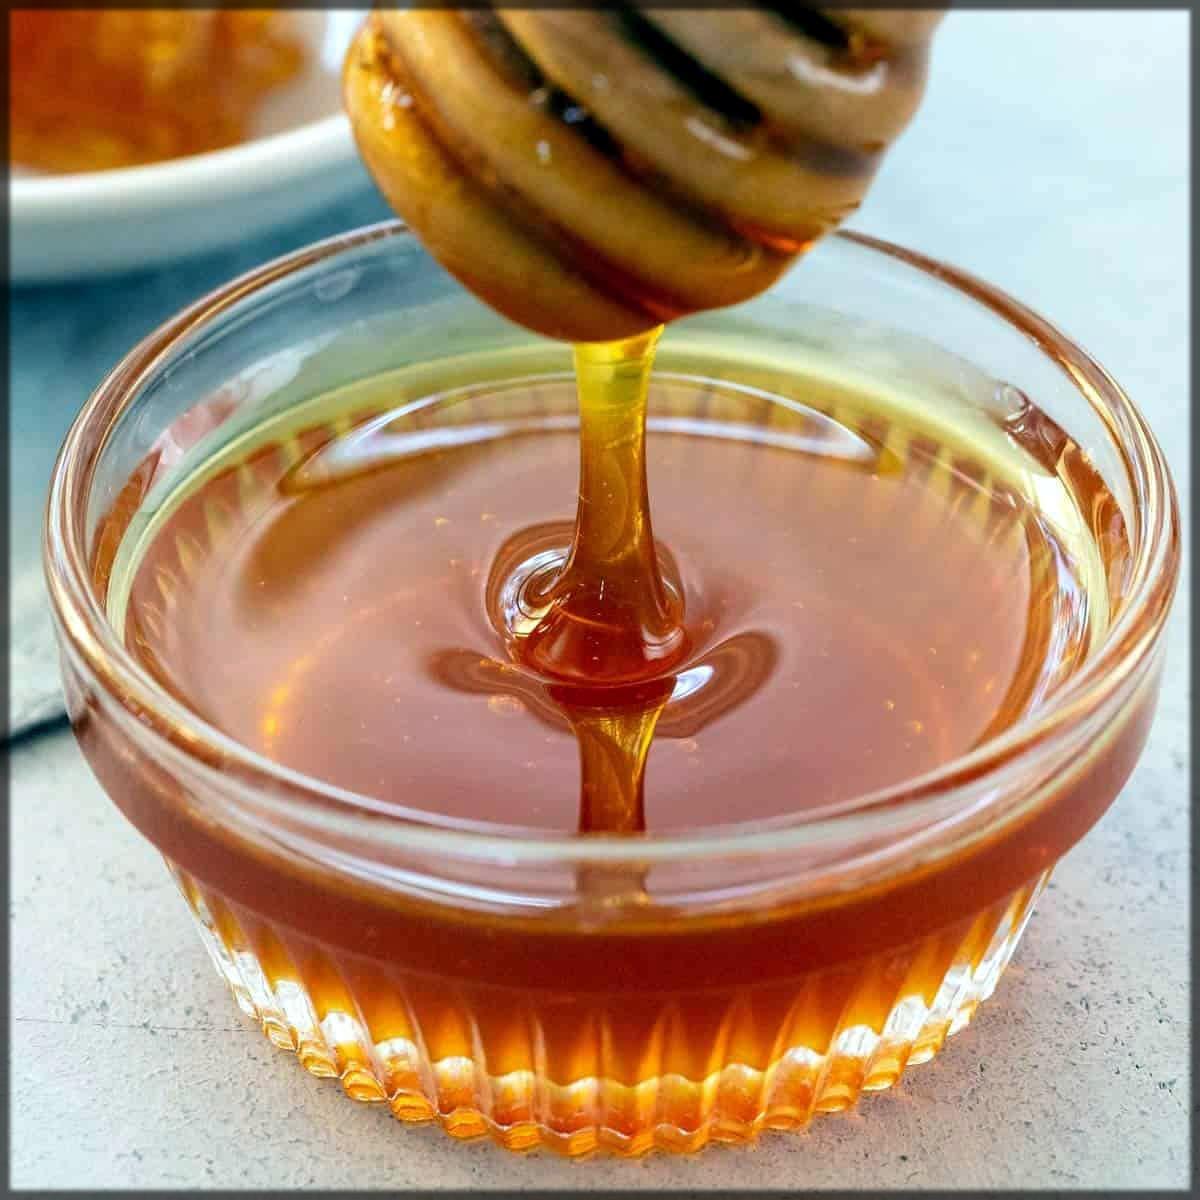 Honey mask for skin